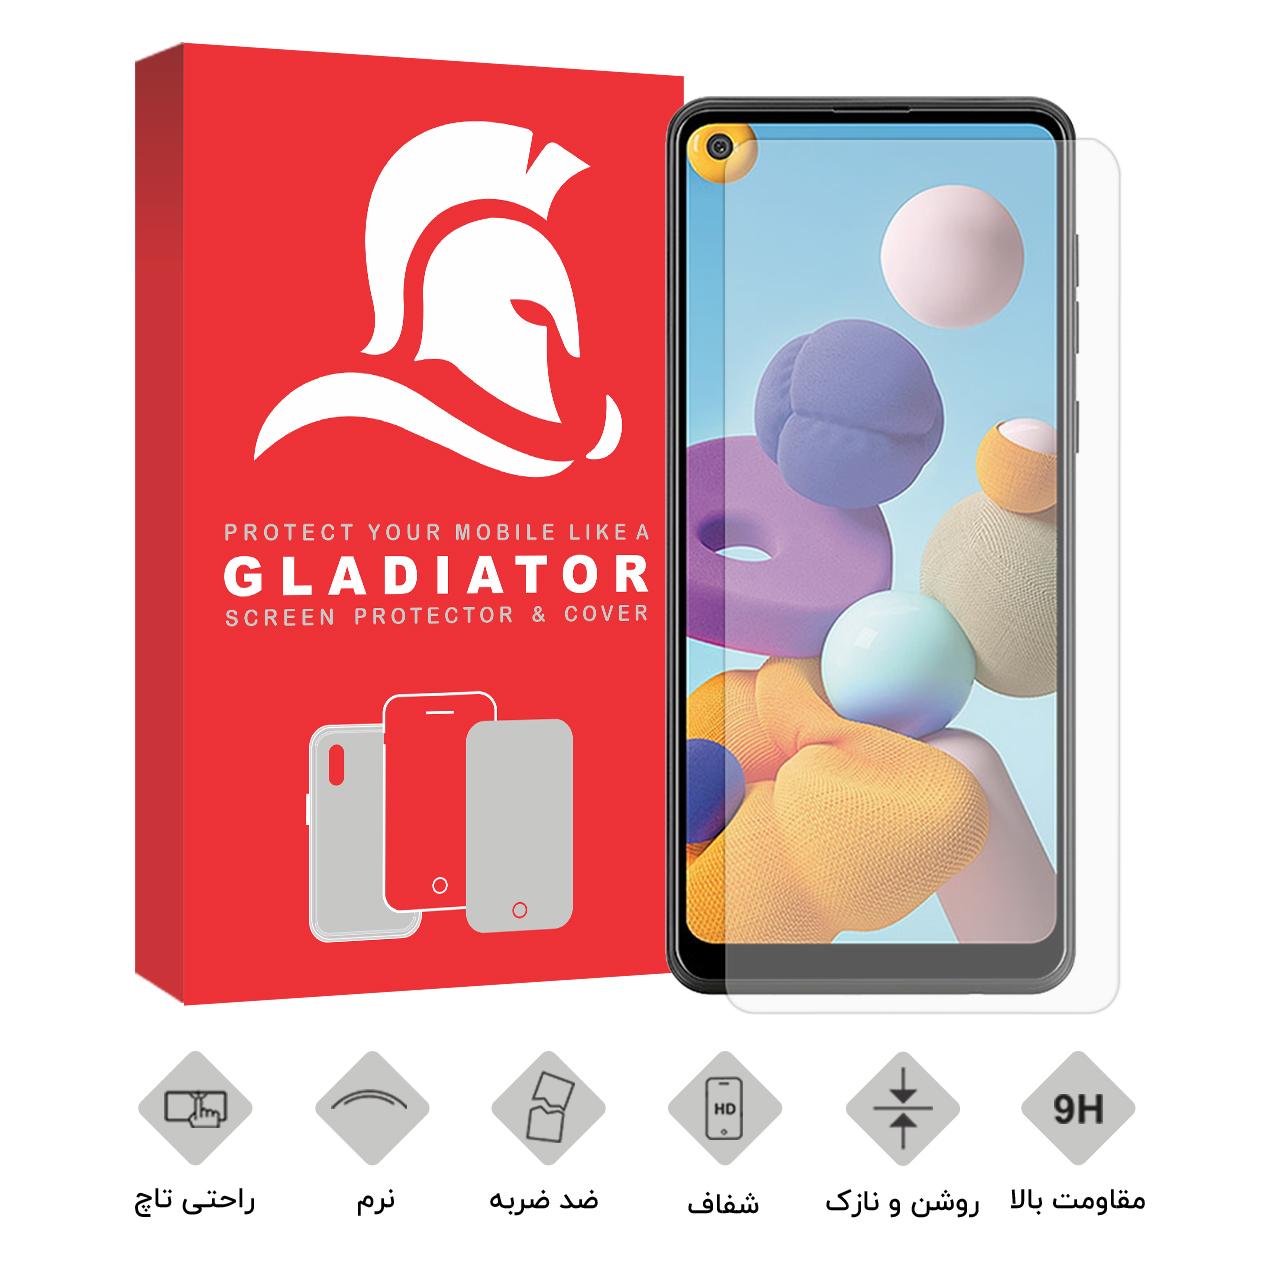 محافظ صفحه نمایش گلادیاتور مدل GLS1000 مناسب برای گوشی موبایل سامسونگ Galaxy A21s              ( قیمت و خرید)